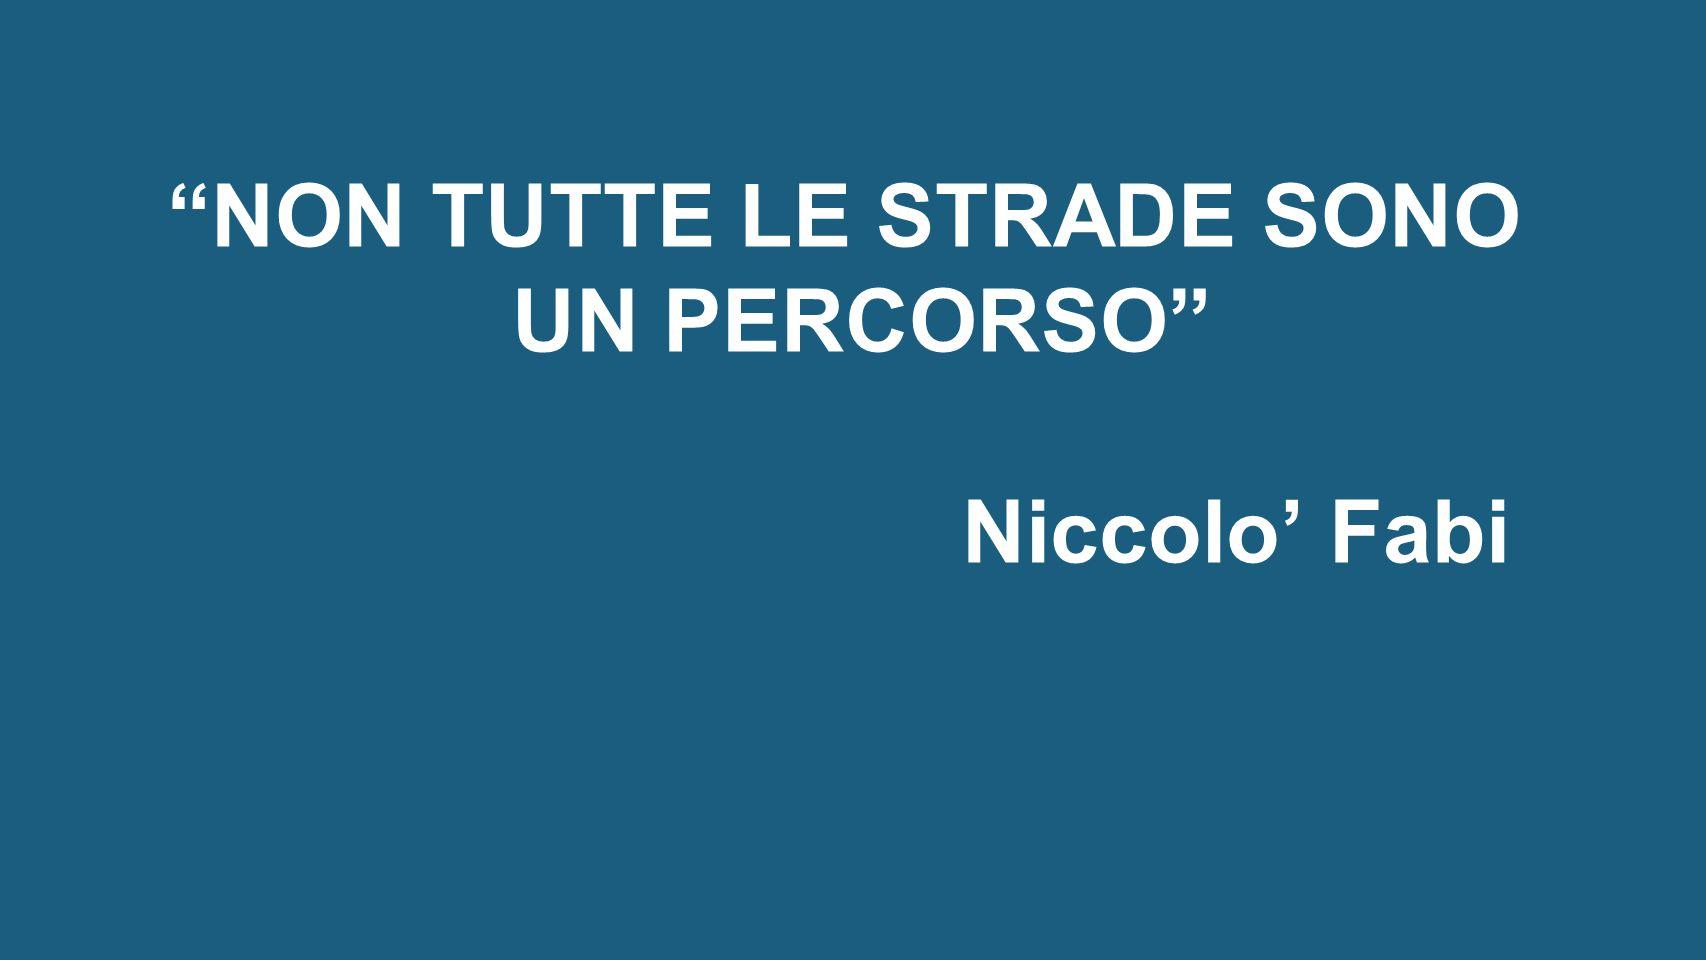 NON TUTTE LE STRADE SONO UN PERCORSO Niccolo' Fabi